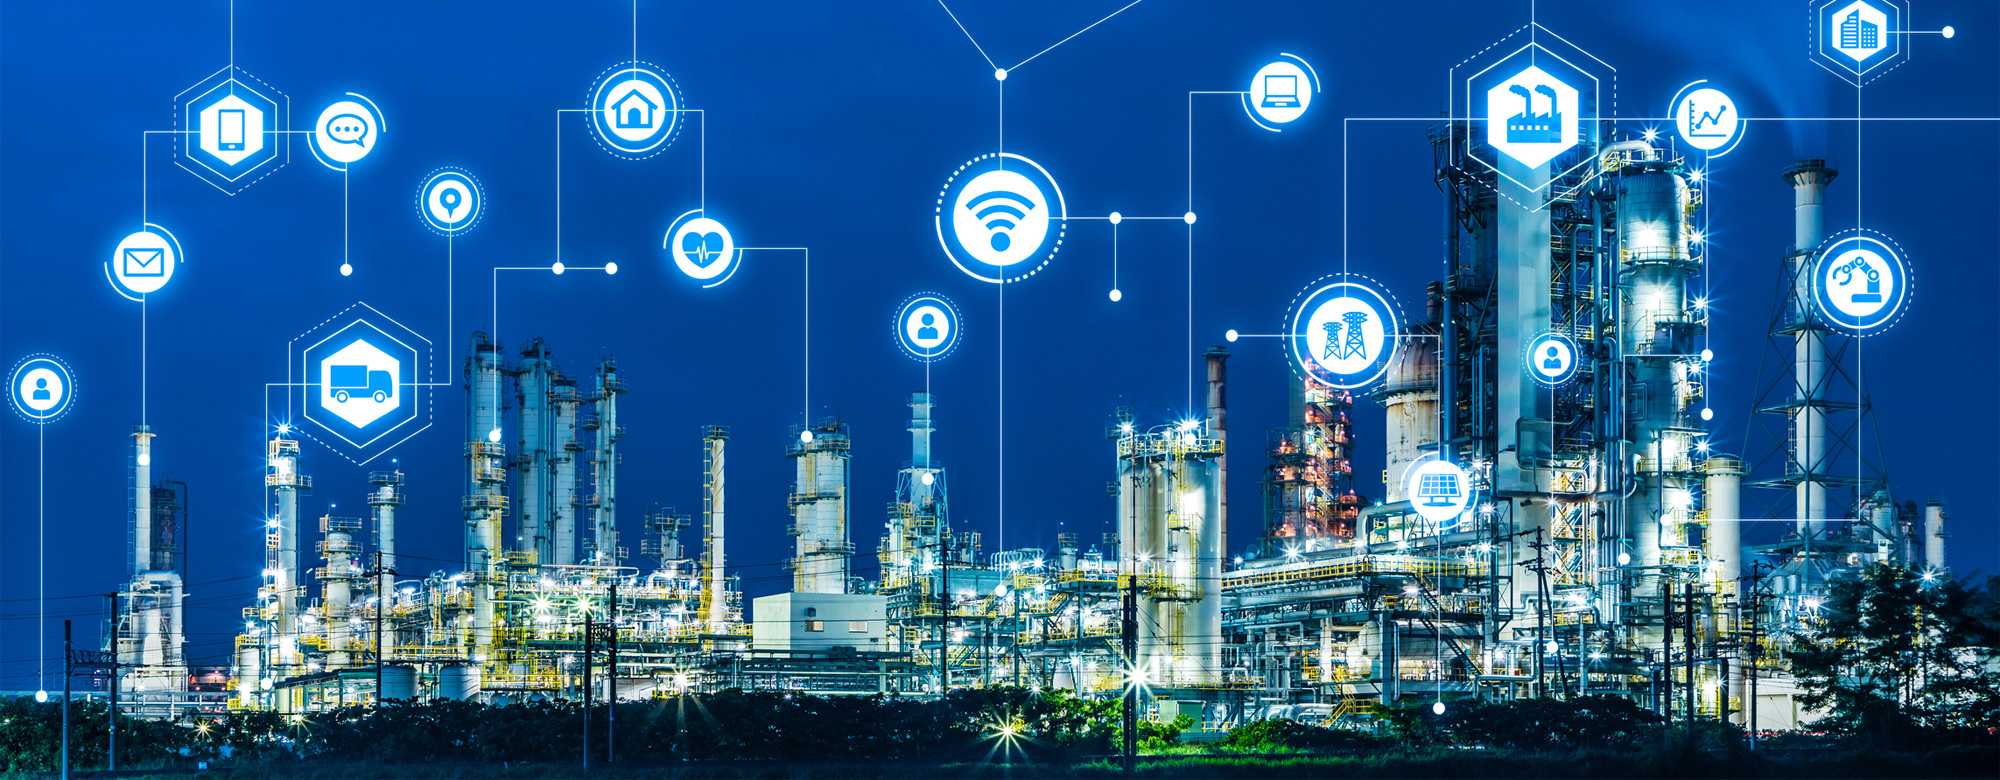 Industria 4.0:  quali competenze per i professionisti di prevenzione e sicurezza?